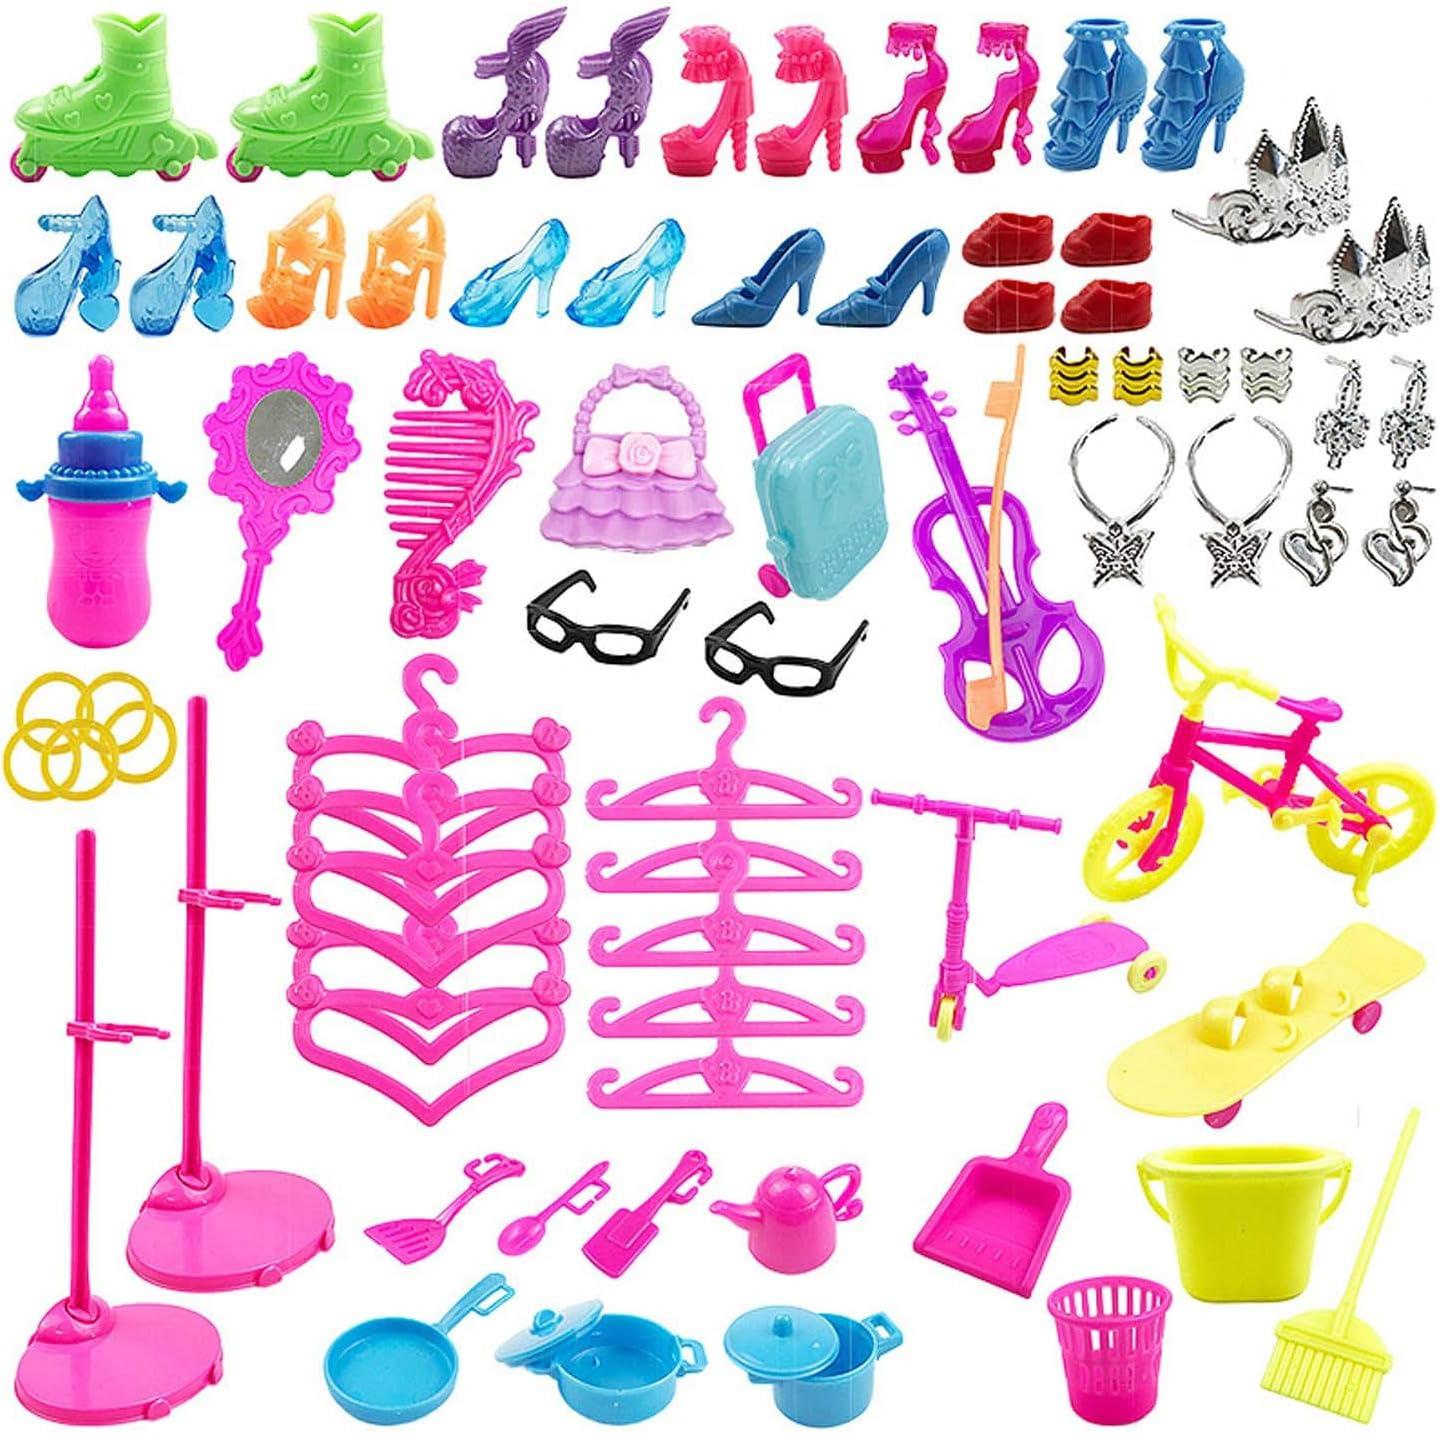 Beetest Vestiti Barbie 88pcs Accessori Bambola Kit Tacchi Alti Vestito Abiti Strumenti di Pulizia della Cucina per Barbie Giocattoli